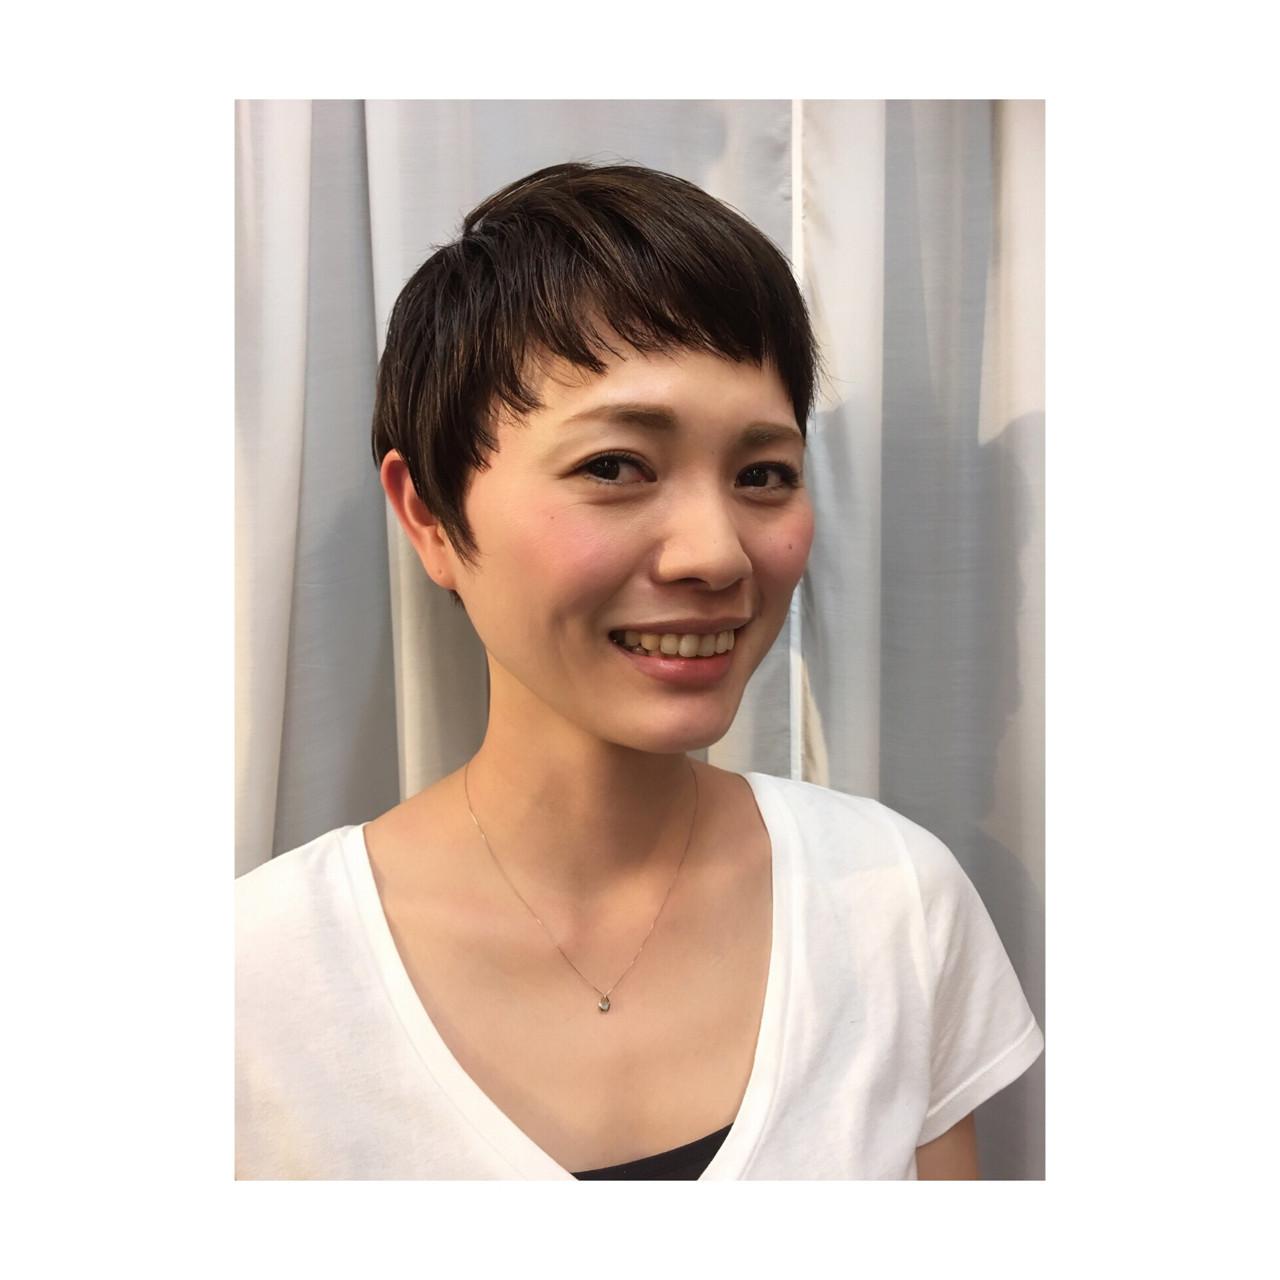 目指したいのは海外セレブの髪型!頭の形がきれいに見える外国人風ショート 福元 梓  precious oeil plus